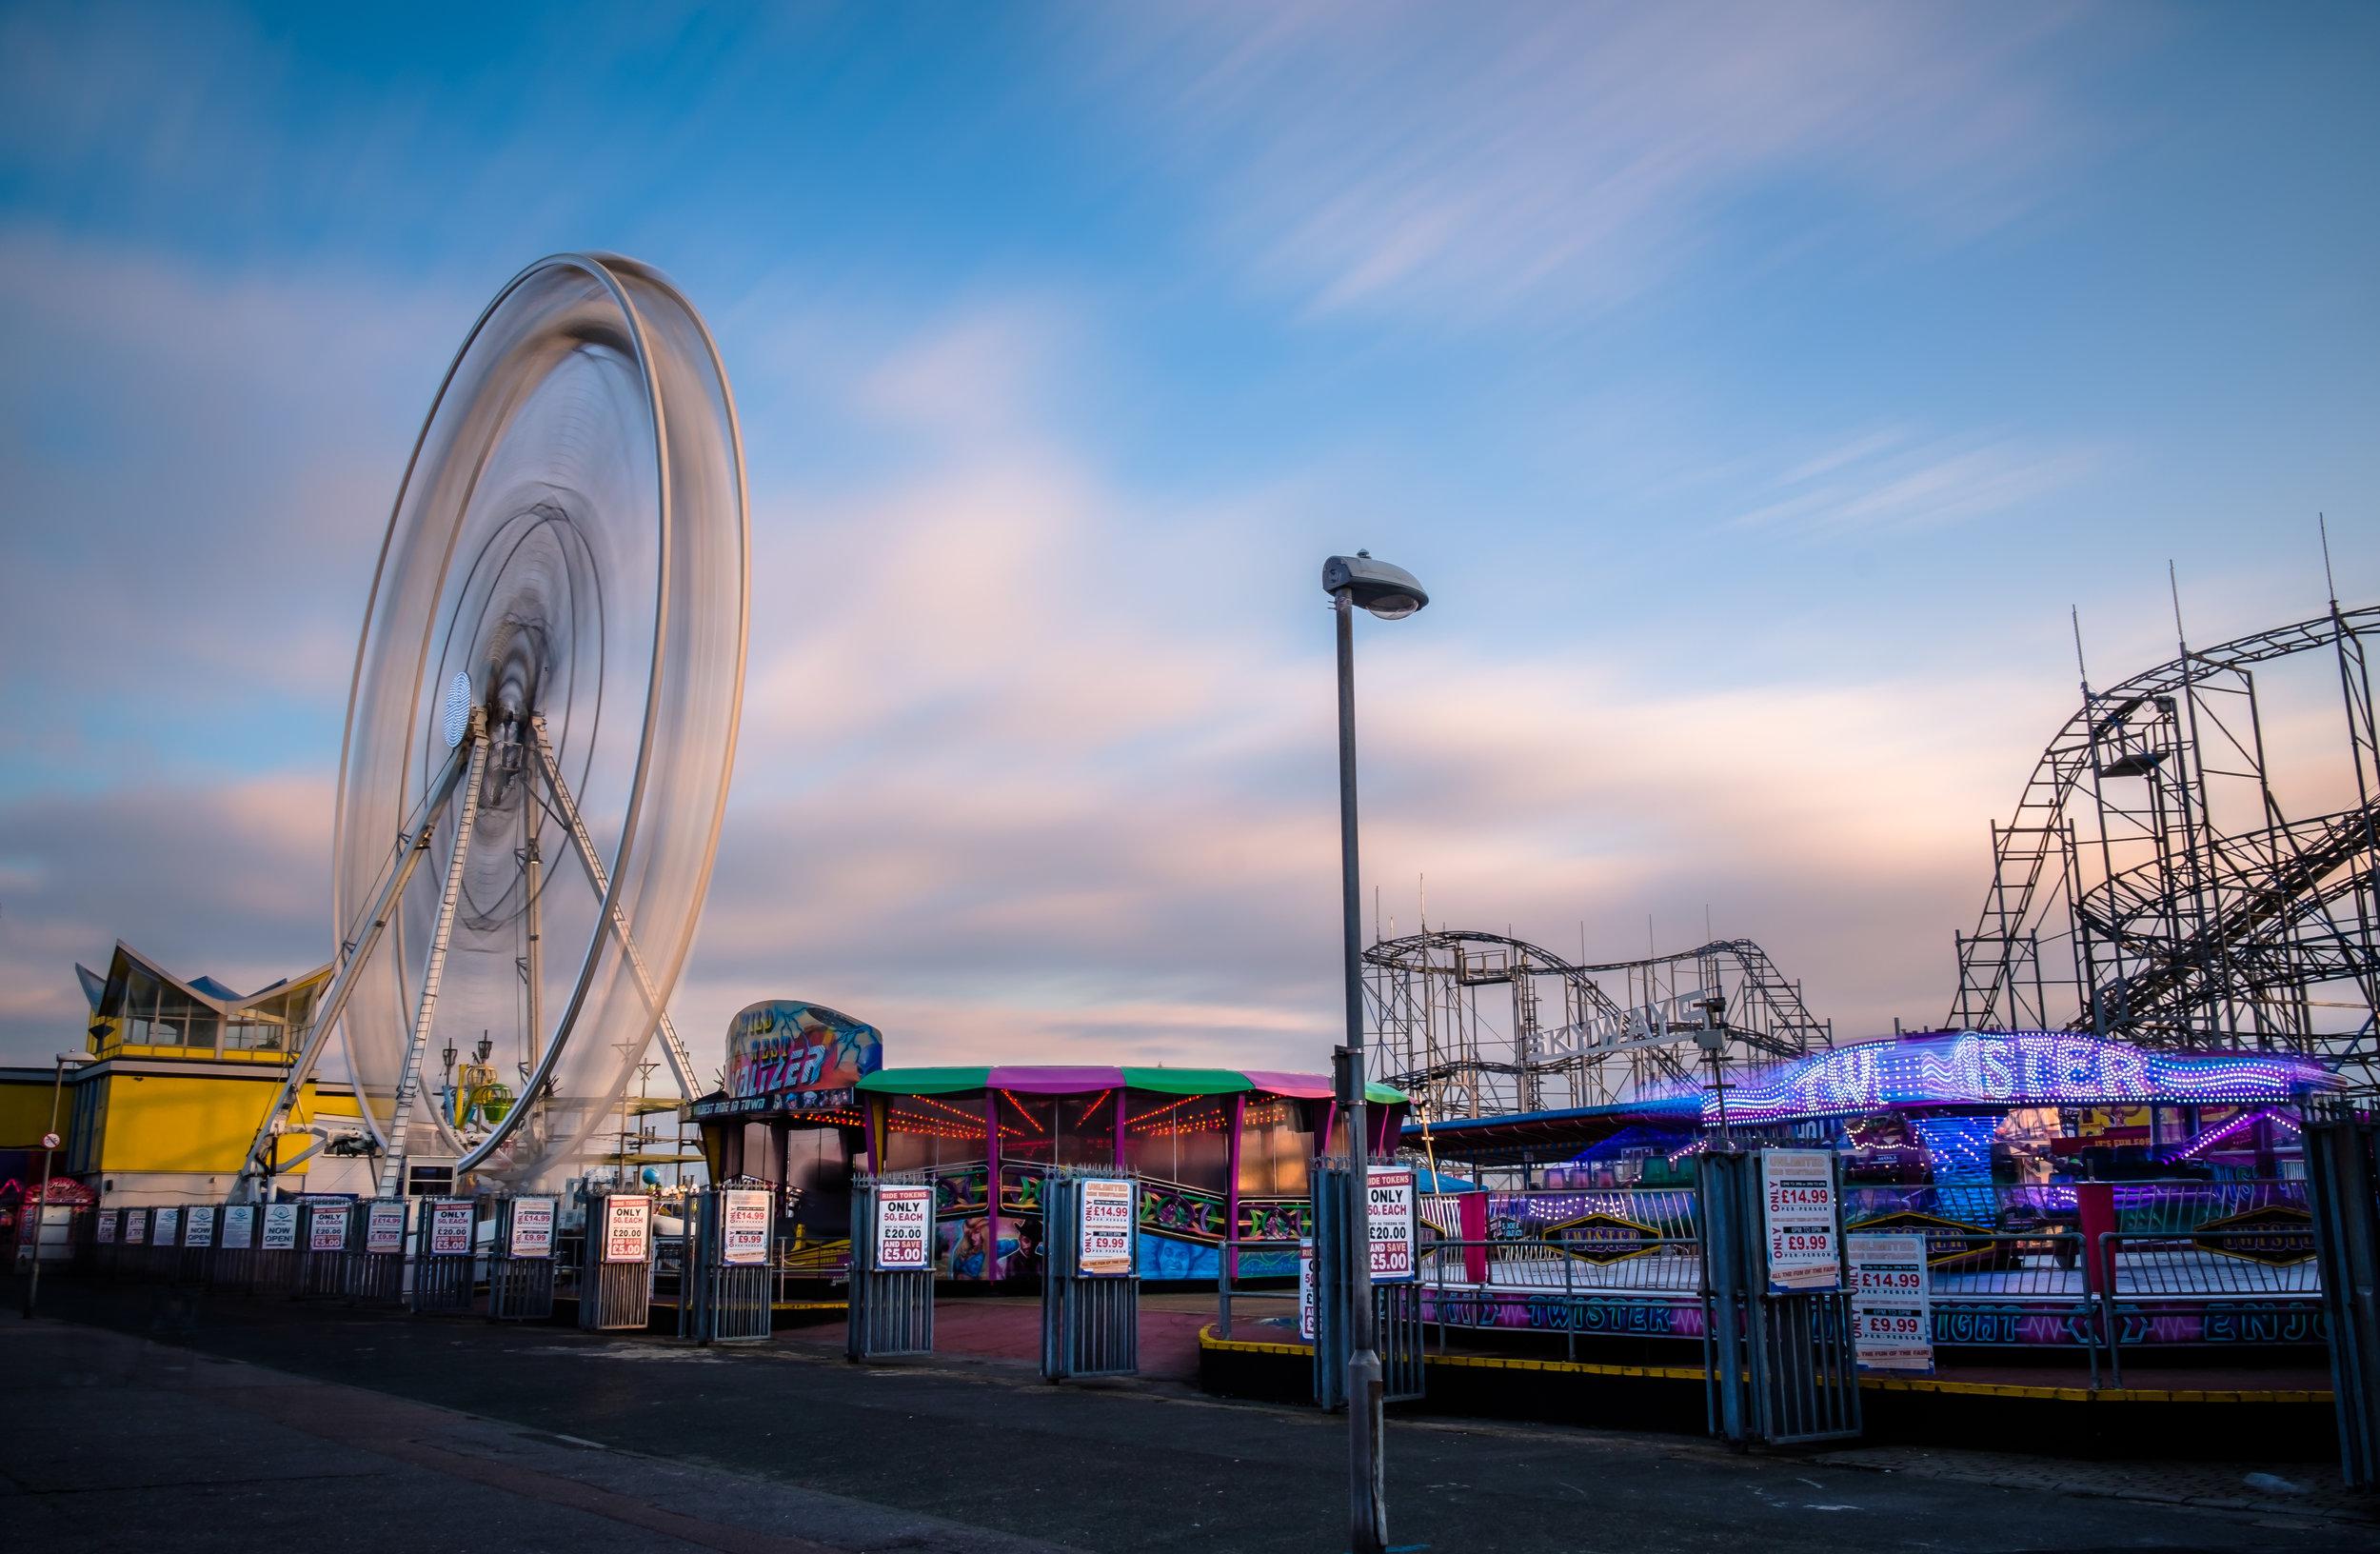 The Solent Wheel - Southsea, UK